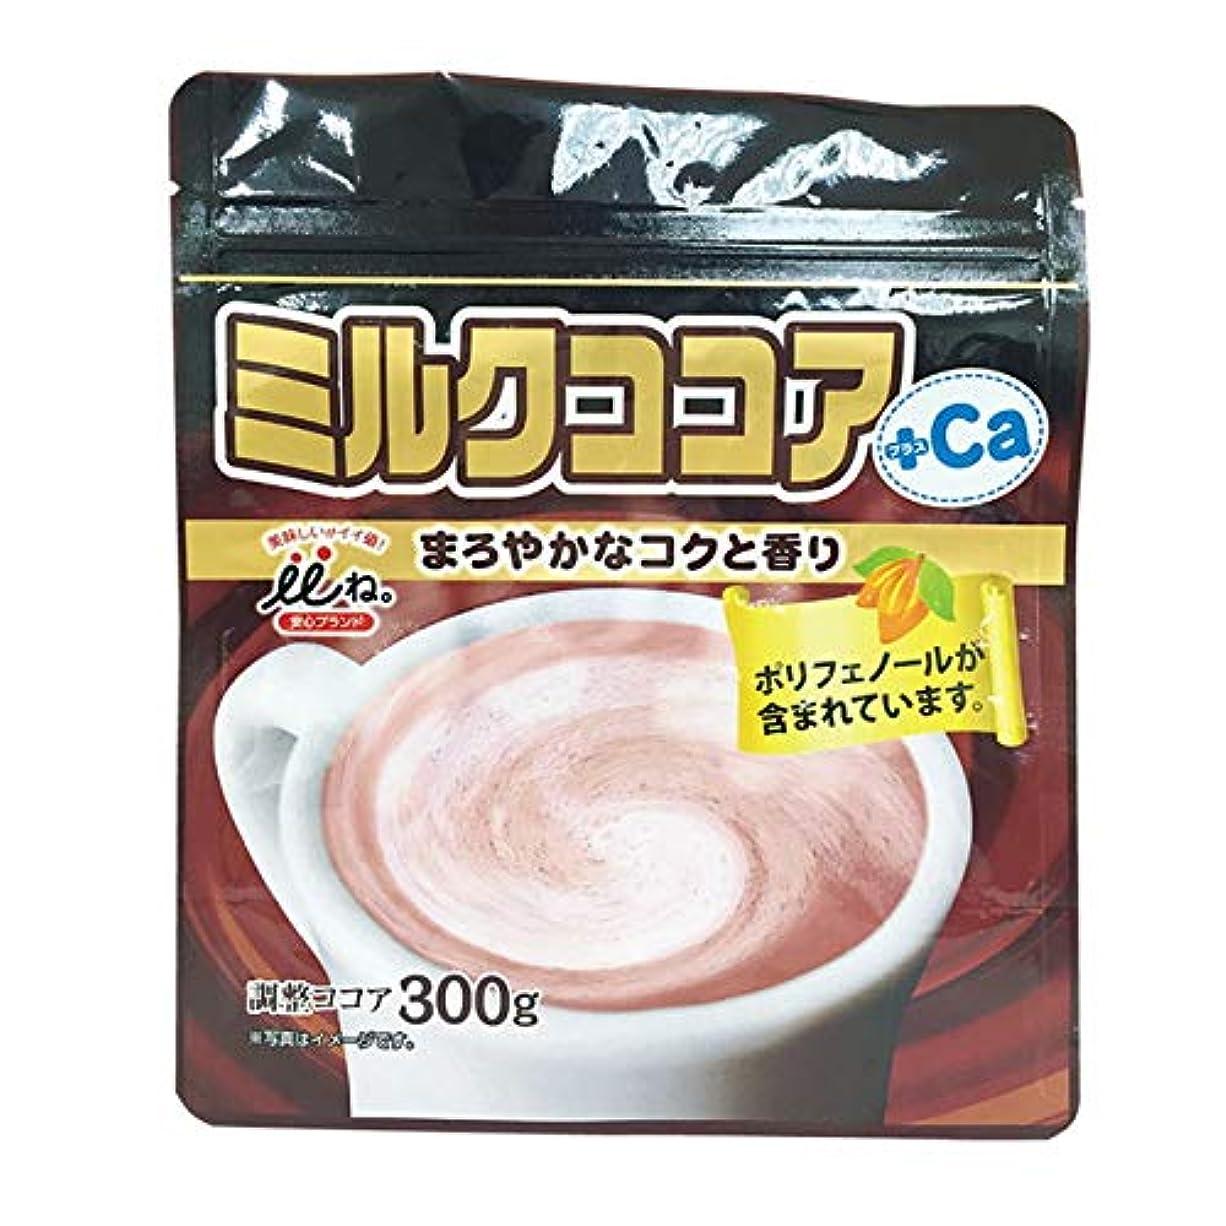 いいね。ミルクココアCaプラス 300g